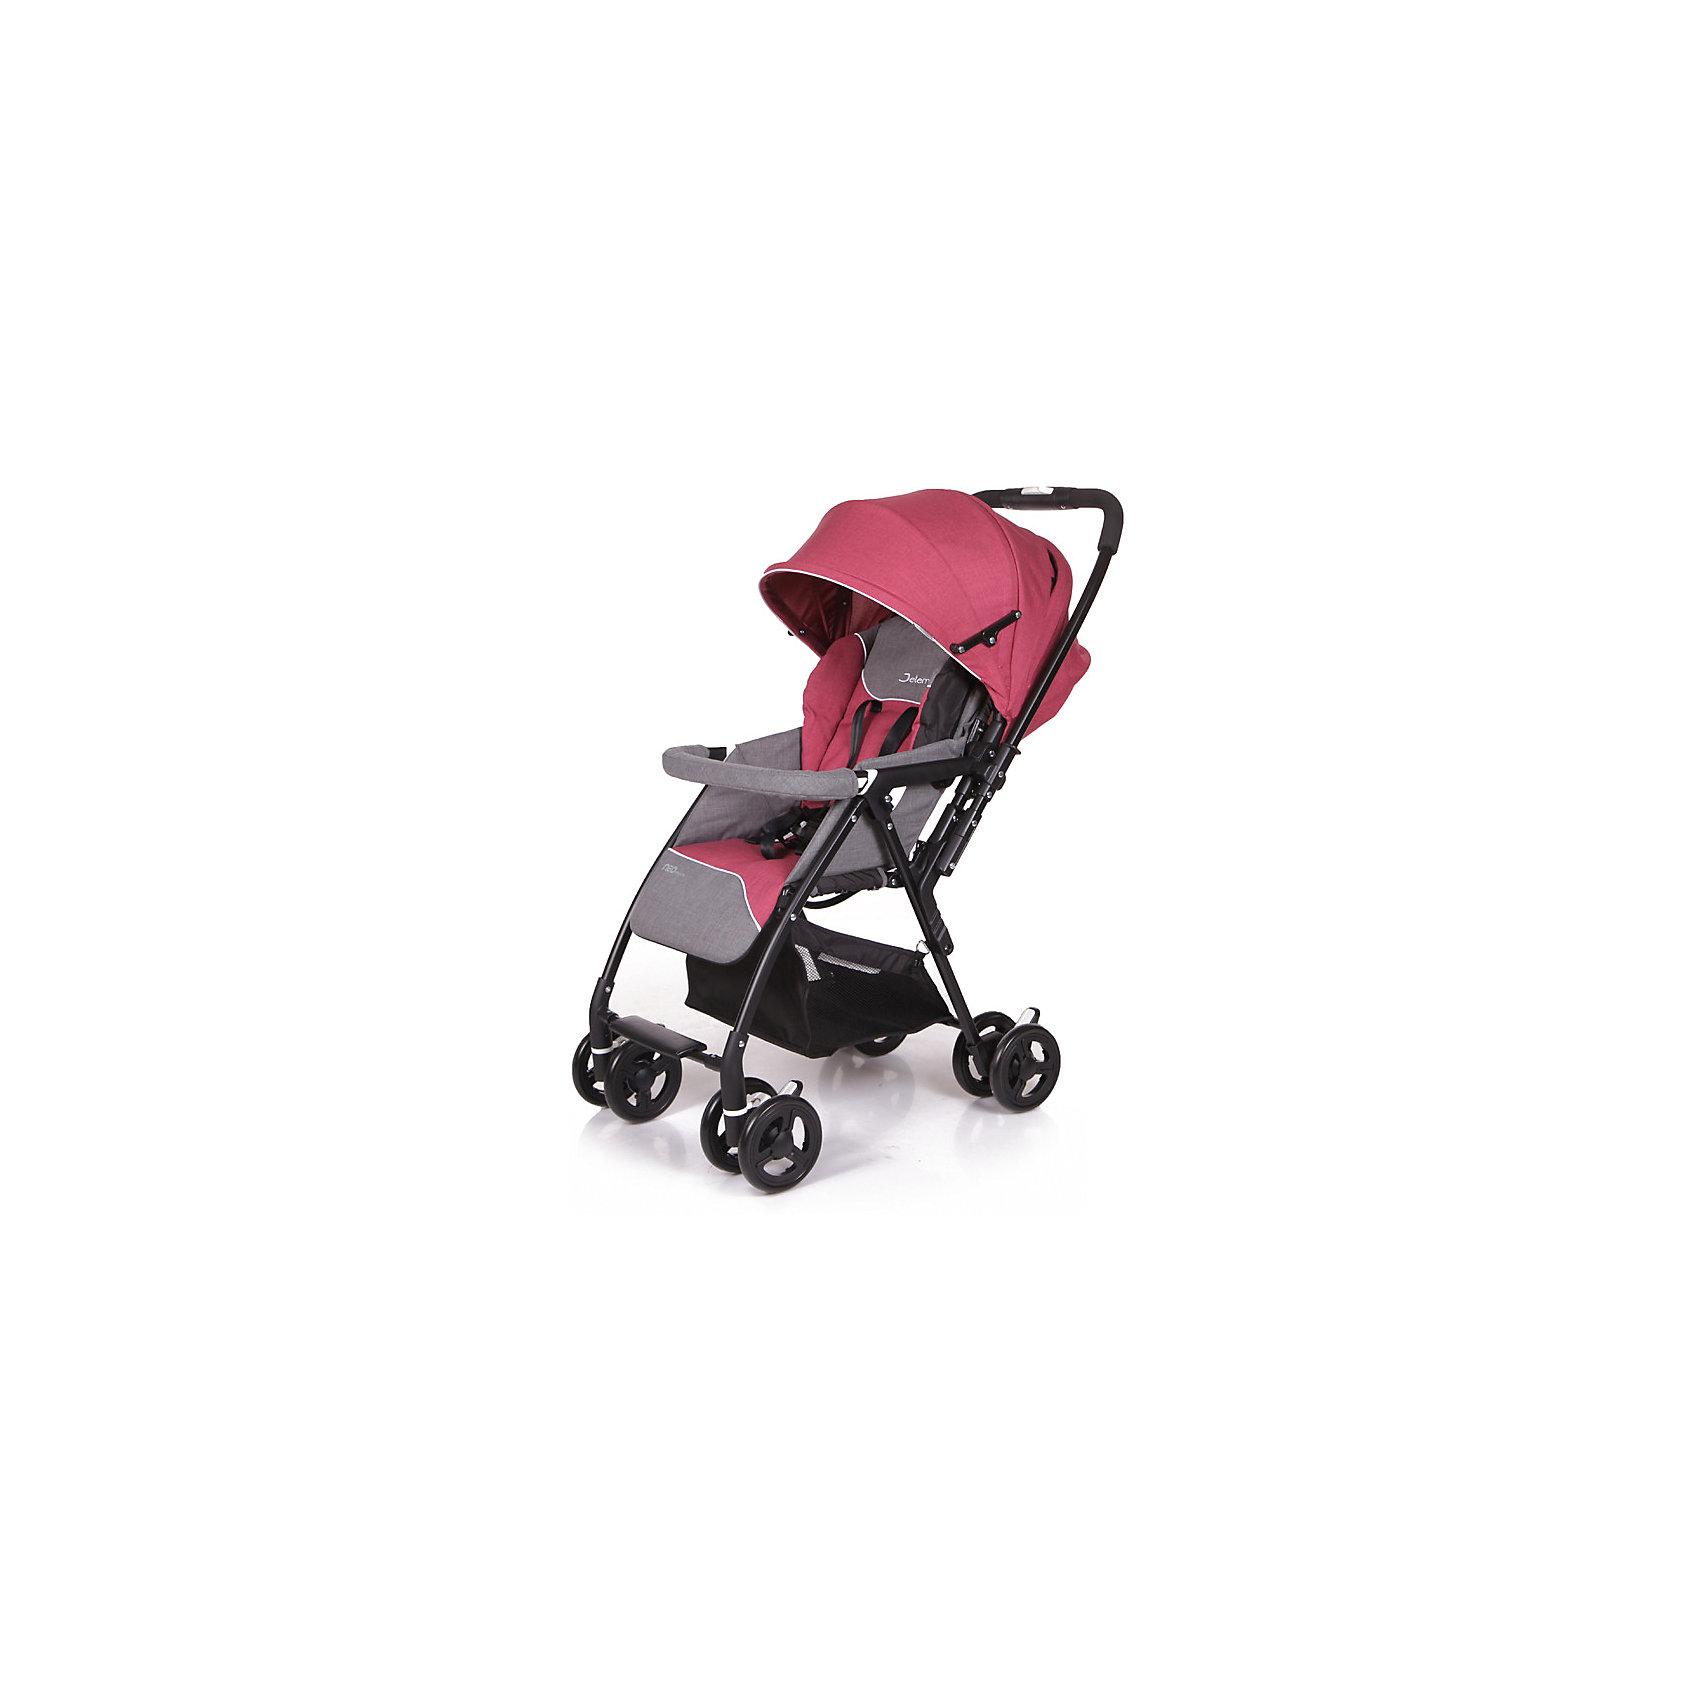 Прогулочная коляска Jetem Neo Plus, малиновыйПрогулочные коляски<br>Характеристики прогулочной коляски Neo Plus Jetem<br><br>Прогулочный блок:<br><br>• регулируемая спинка коляски, положение «лежа»;<br>• просторное спальное место;<br>• регулируемая подножка, 2 положения;<br>• глубокий регулируемый капюшон, надежно защищает от солнечных лучей и осадков;<br>• на капюшоне имеется сетчатое смотровое окошко под клапаном;<br>• 5-ти точечные ремни безопасности;<br>• съемный защитный бампер с мягкой накладкой;<br>• чехол на ножки защищает ребенка в холодное время года;<br>• материал: пластик, полиэстер;<br>• длина спального места: 80 см;<br>• ширина сиденья: 33 см.<br><br>Рама коляски:<br><br>• перекидная ручка коляски;<br>• сдвоенные колеса коляски;<br>• передние поворотные колеса с блокировкой;<br>• задний стояночный тормоз на всех колесах;<br>• механизм складывания коляски: книжка;<br>• коляска складывается одной рукой;<br>• устойчиво стоит в сложенном виде в вертикальном положении;<br>• материал рамы: алюминий, колеса - полиуретан;<br>• высота ручки: 97 см;<br>• ширина колесной базы: 48,5 см;<br>• диаметр колес: 15,3 см;<br>• размер корзины для покупок: 30,5х30,5х24 см.<br><br>Размер коляски: 86х48,5х97 см<br>Размер коляски в сложенном виде: 36х48,5х90,5 см<br>Вес коляски: 6,7 кг<br>Размер упаковки: 87х46х29 см<br>Вес в упаковке: 8,2 кг<br><br>Легкая и маневренная прогулочная коляска Jetem Neo Plus предназначена для весенне-летнего периода и путешествий с ребенком. Перекидная ручка коляски Neo Plus позволяет менять направление движения коляски без особых трудностей. Ребенок может сидеть в прогулочном блоке лицом к маме или лицом к окружающему миру. Большой капюшон со смотровым окном опускается почти до бампера. Высота спинки плавно регулируется с помощью ремней. Коляску можно легко сложить одной рукой.<br> <br>Покупка коляски Neo Plus Jetem – это верное решение современных мам, которые ценят комфорт малыша, а также его удобство!<br><br>Прогулочную коляску Neo Plus, Jete